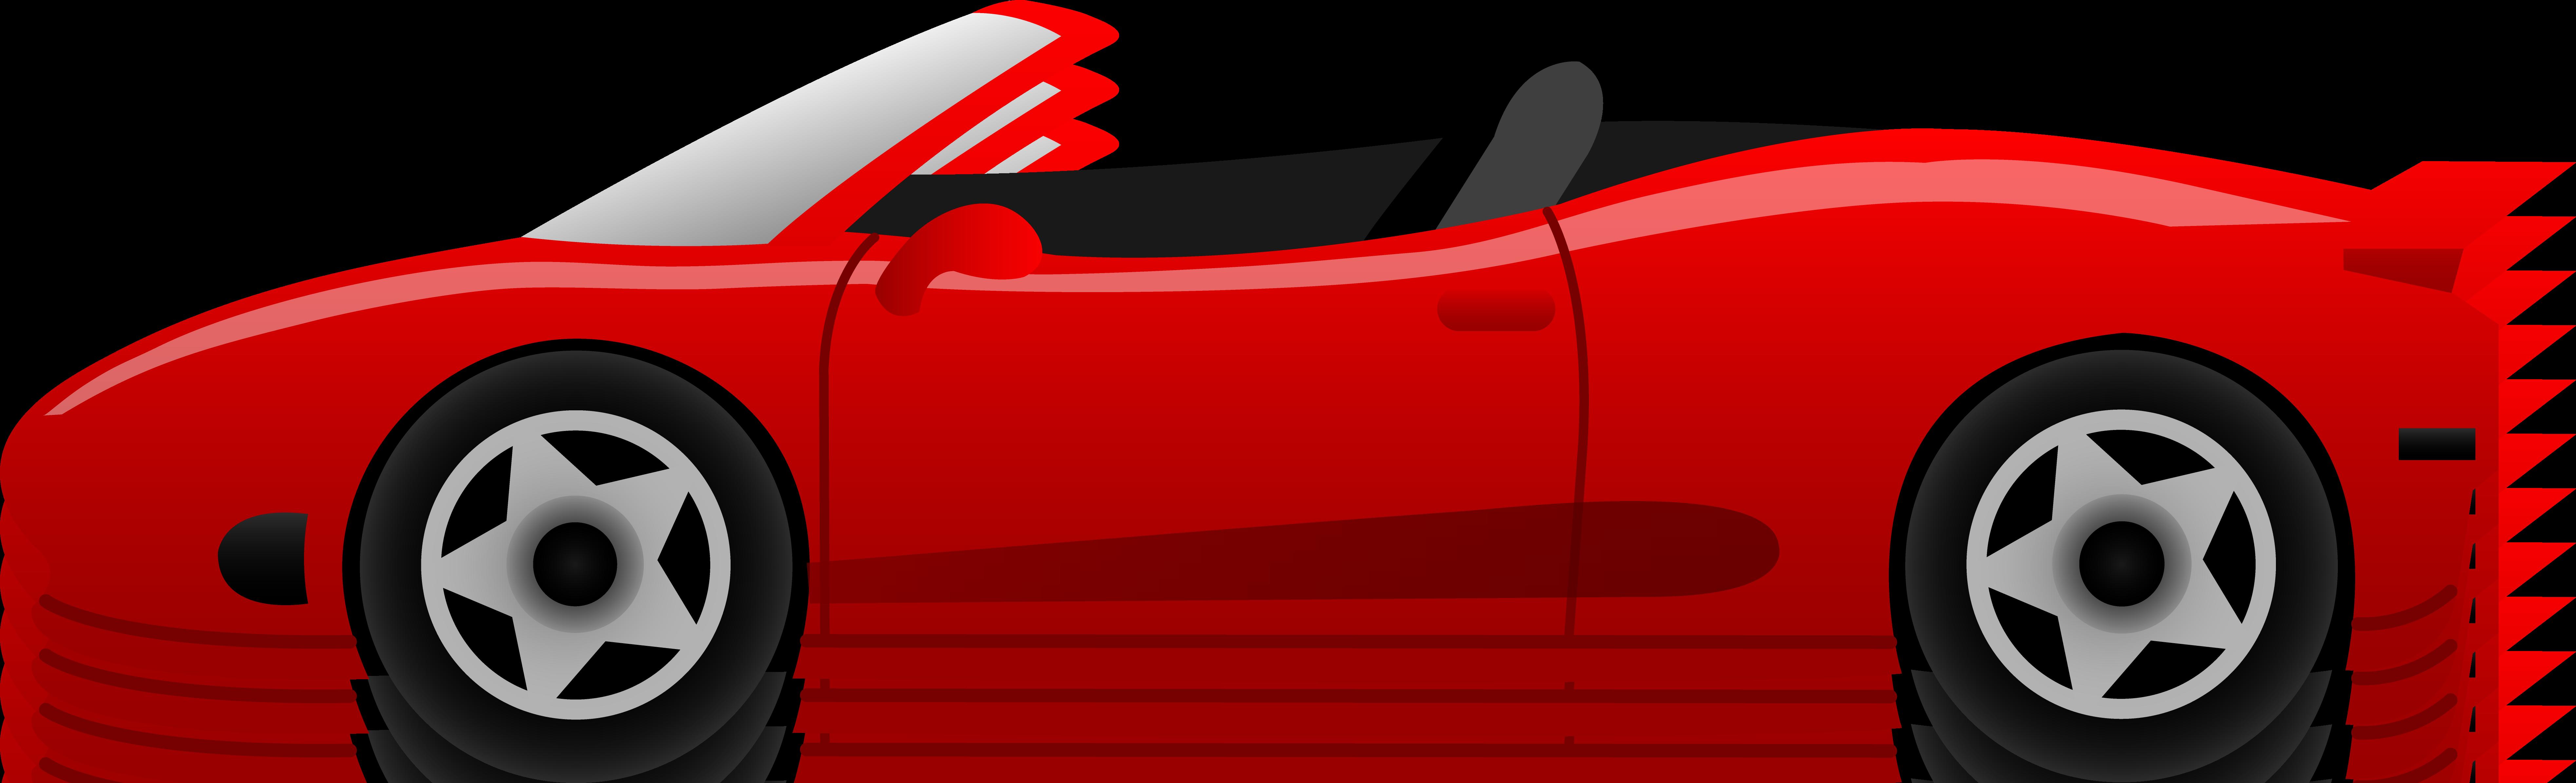 Car Clip Art-Car Clip Art-1